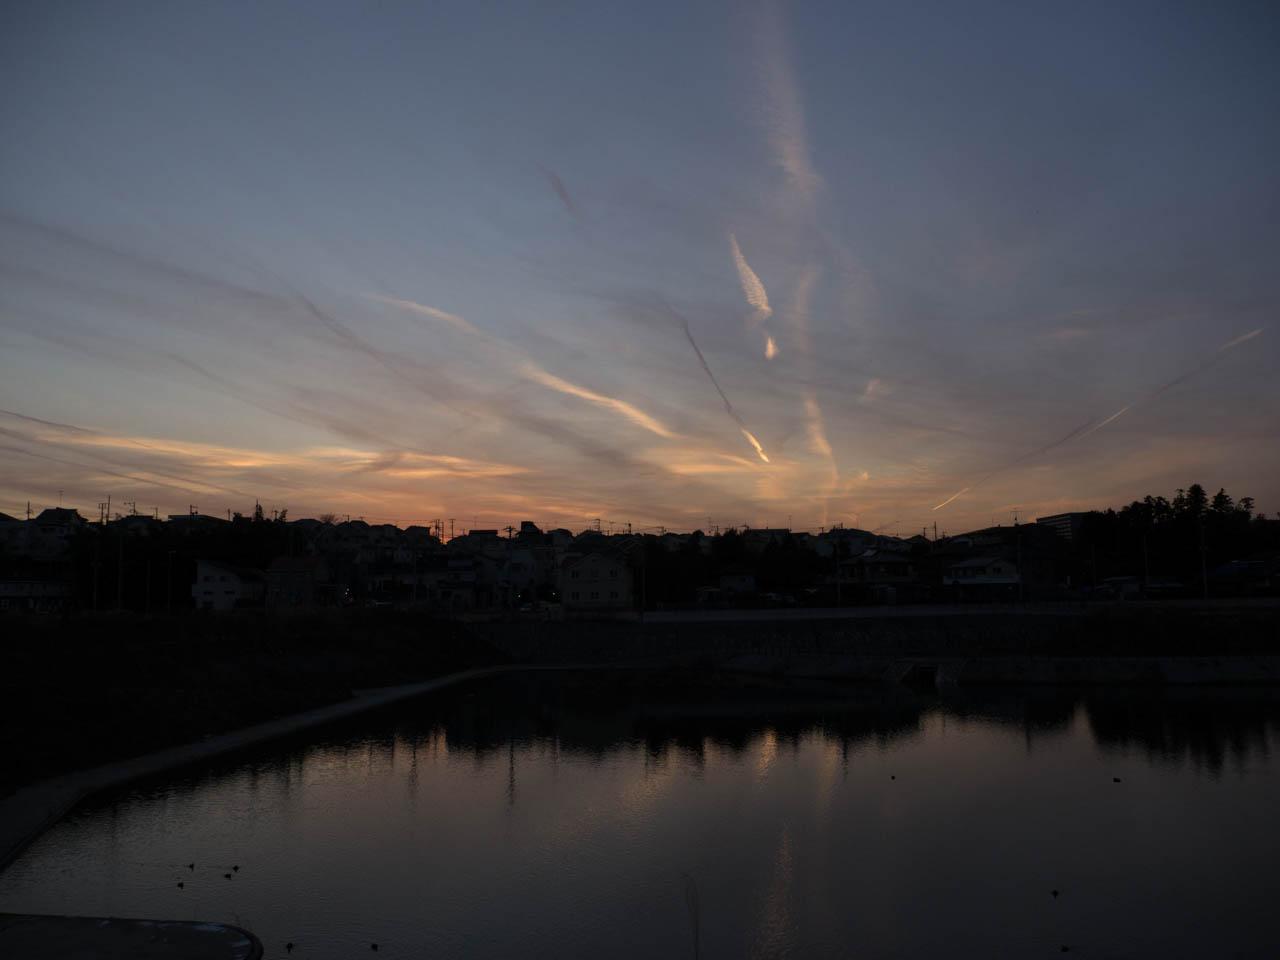 湘南台の空が映る